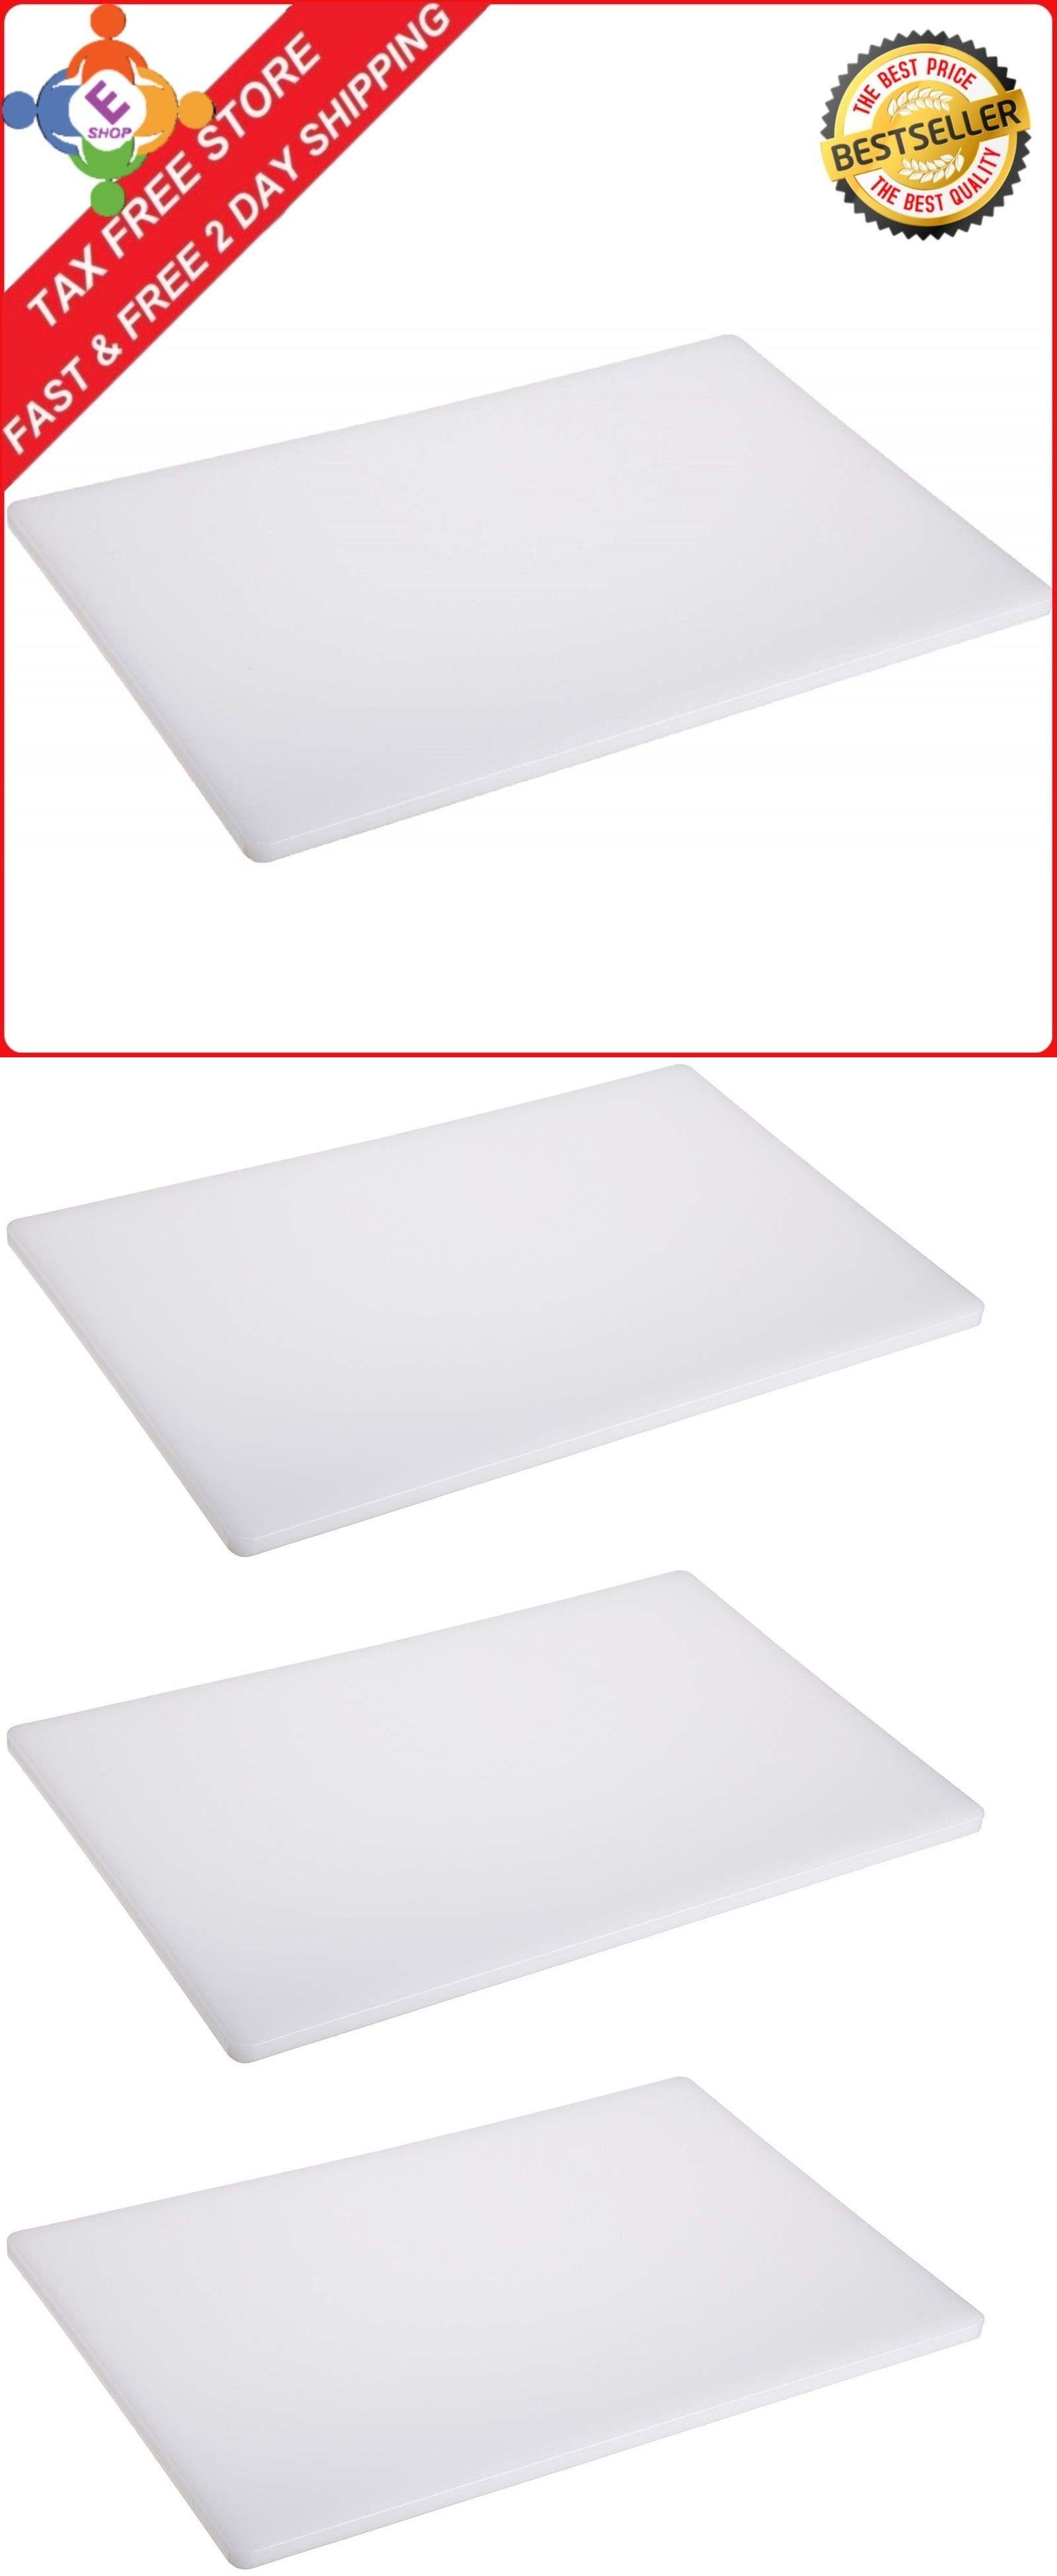 Pin On Cutting Boards 46282